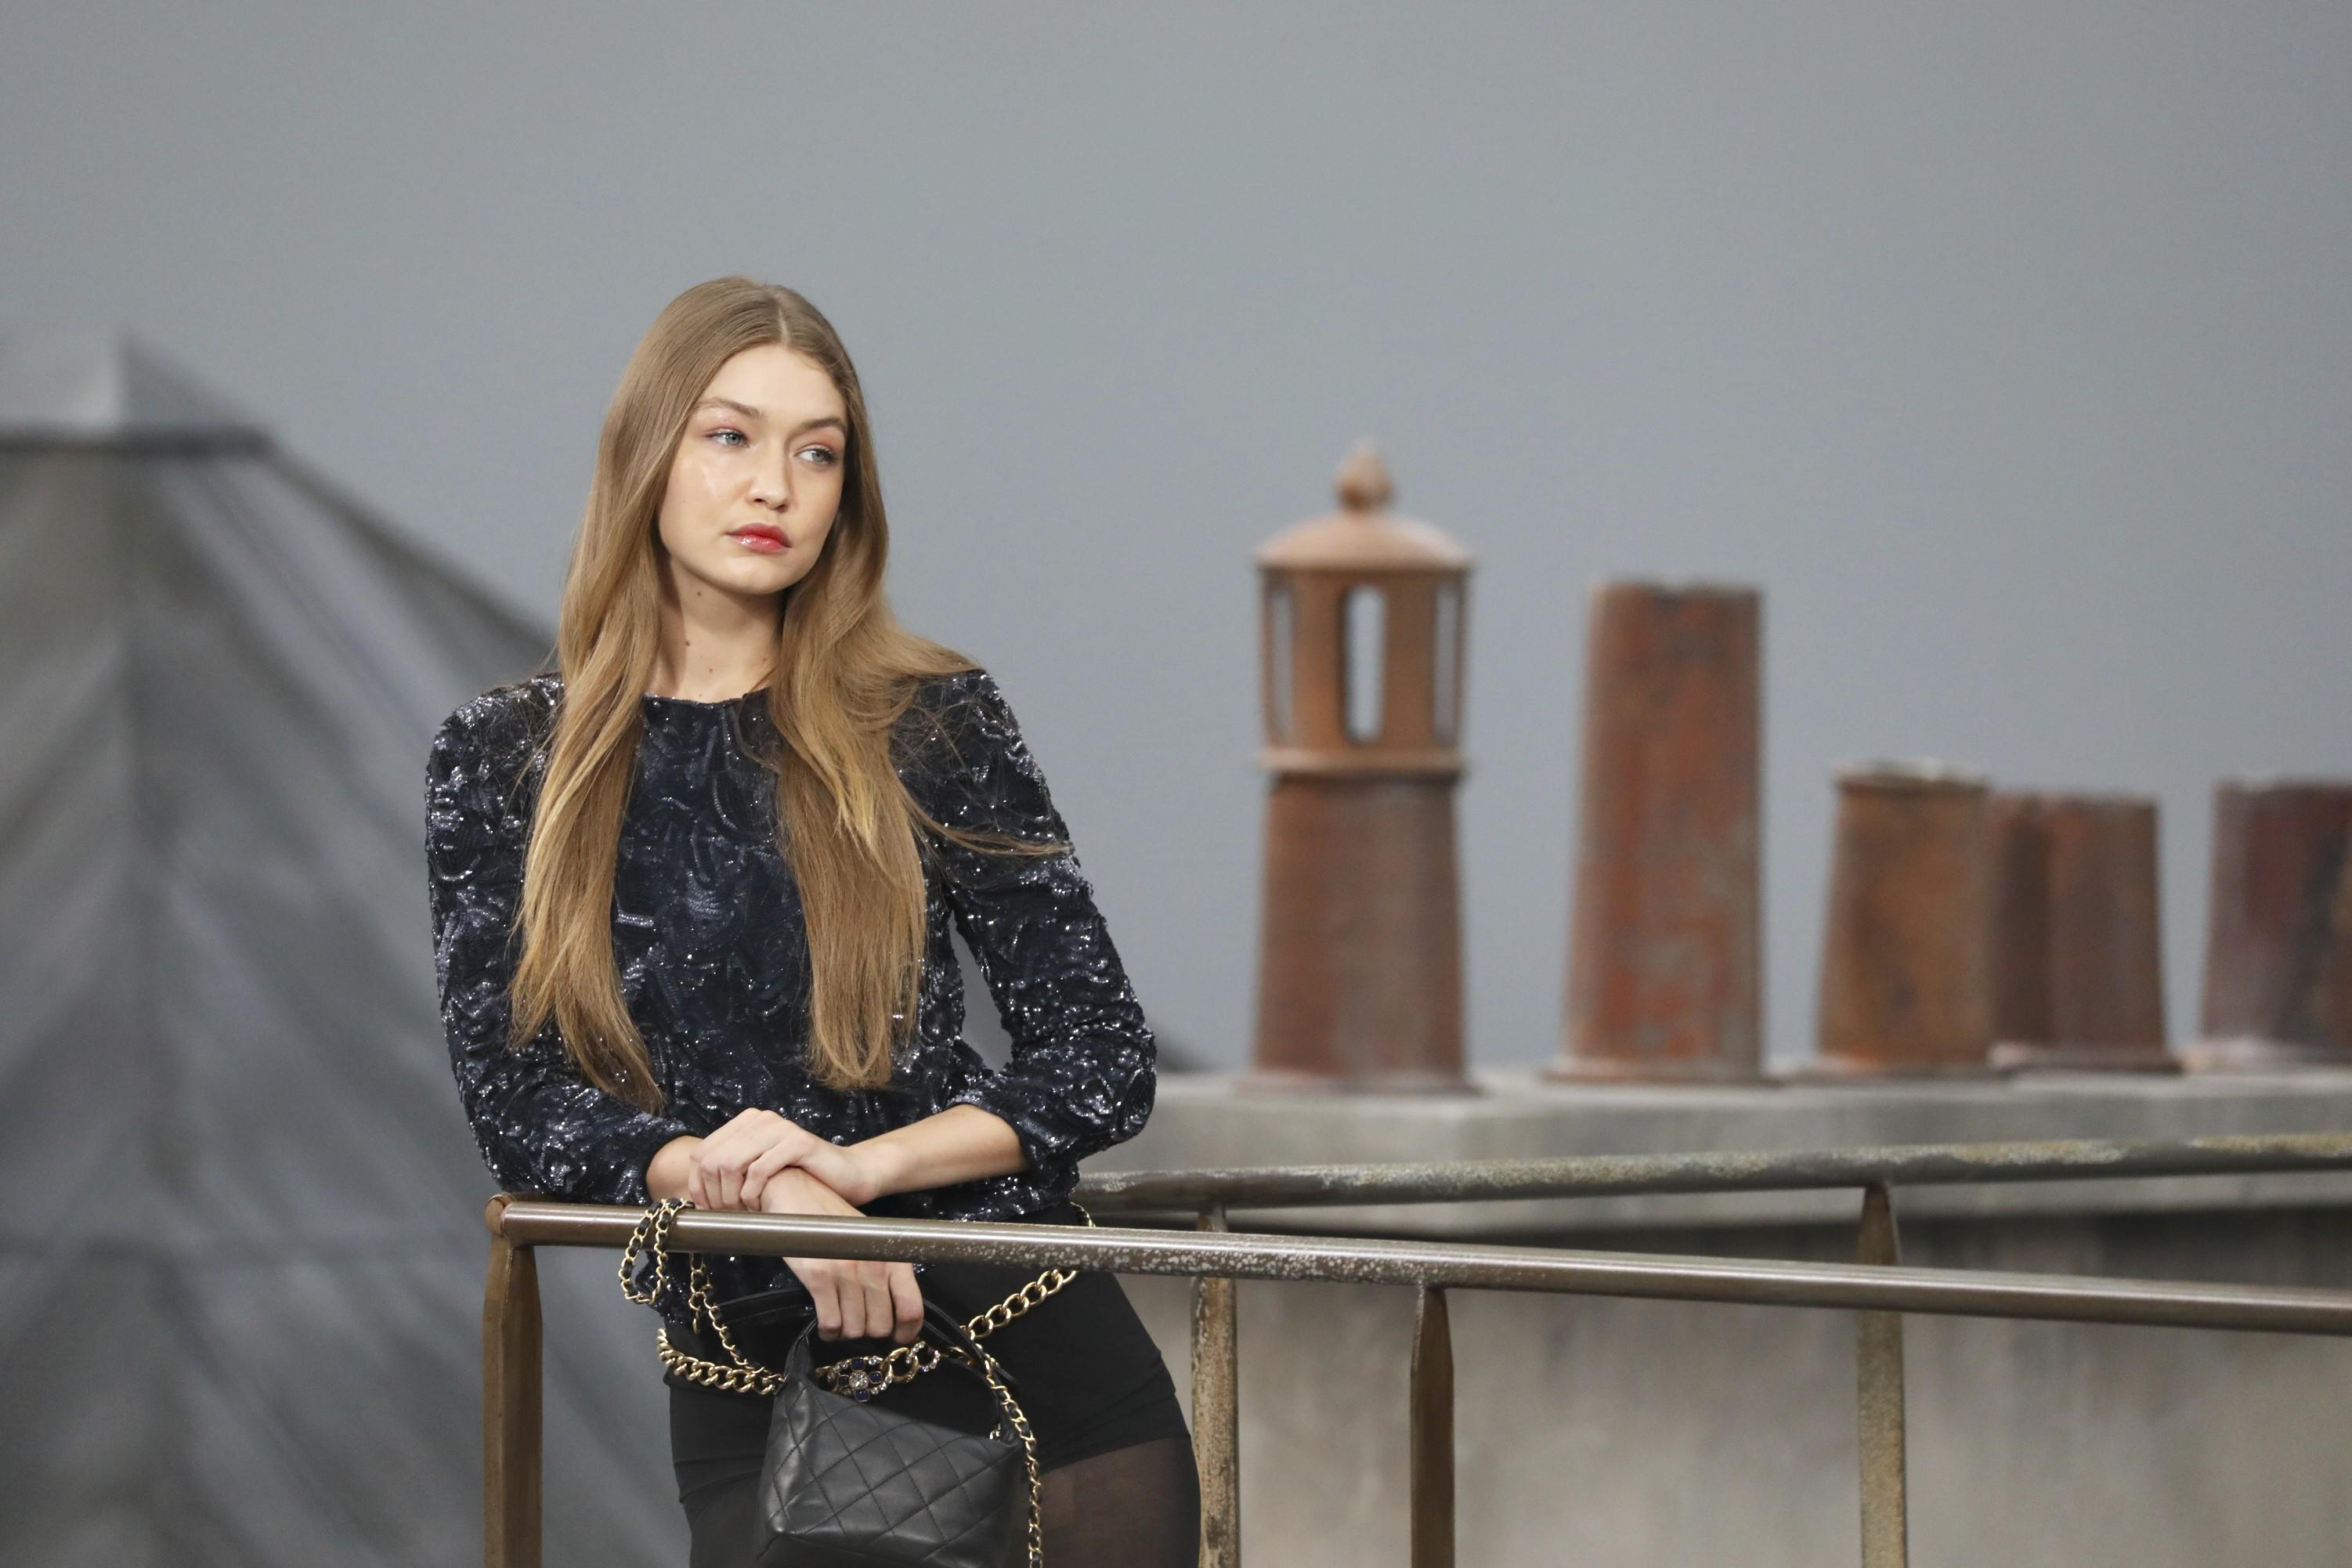 Paris Fashion Week Why did Gigi Hadid accost a French